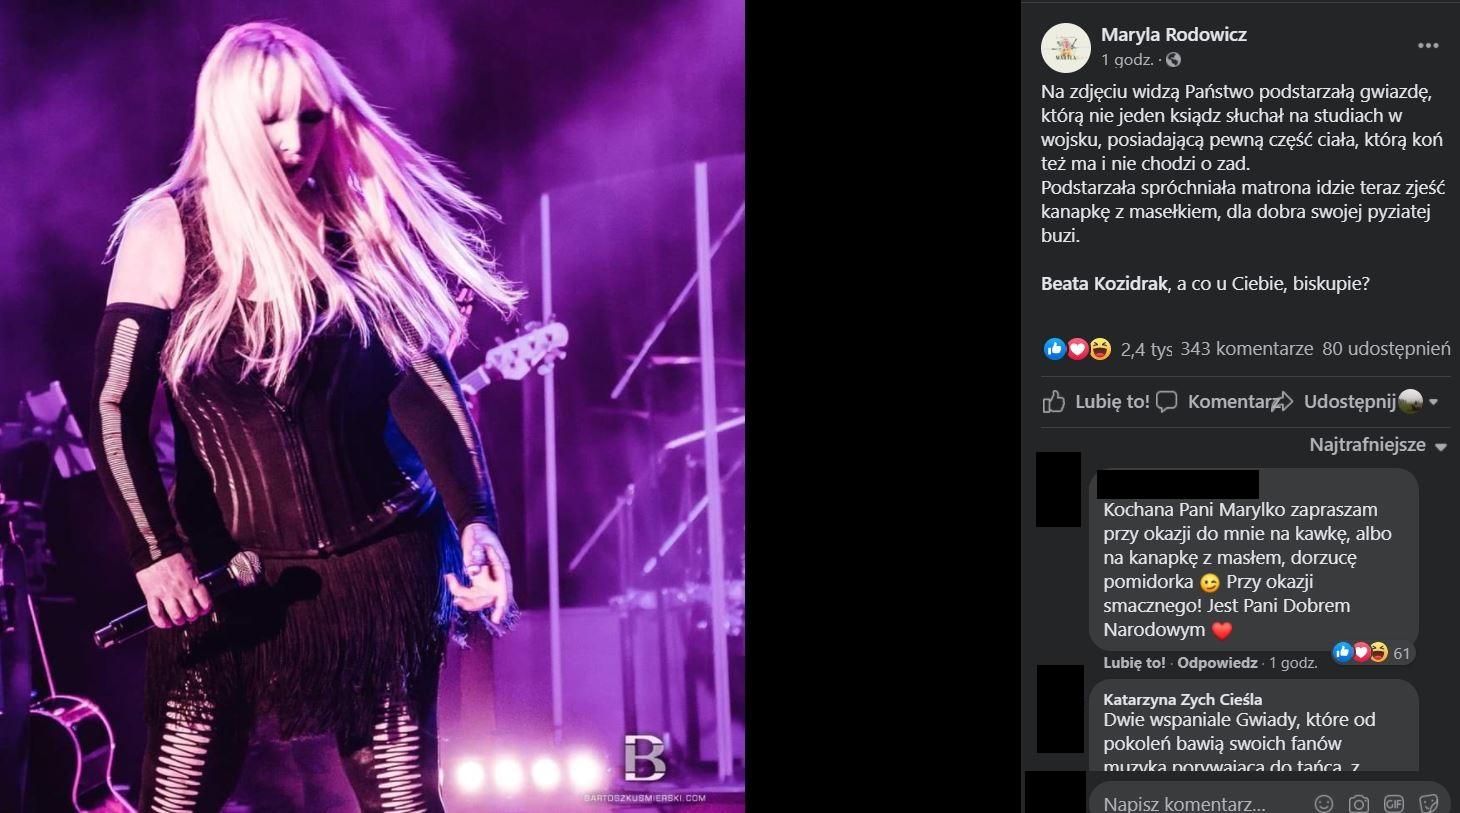 Maryla Rodowicz skomentowała słowa księdza na swoim Facebooku